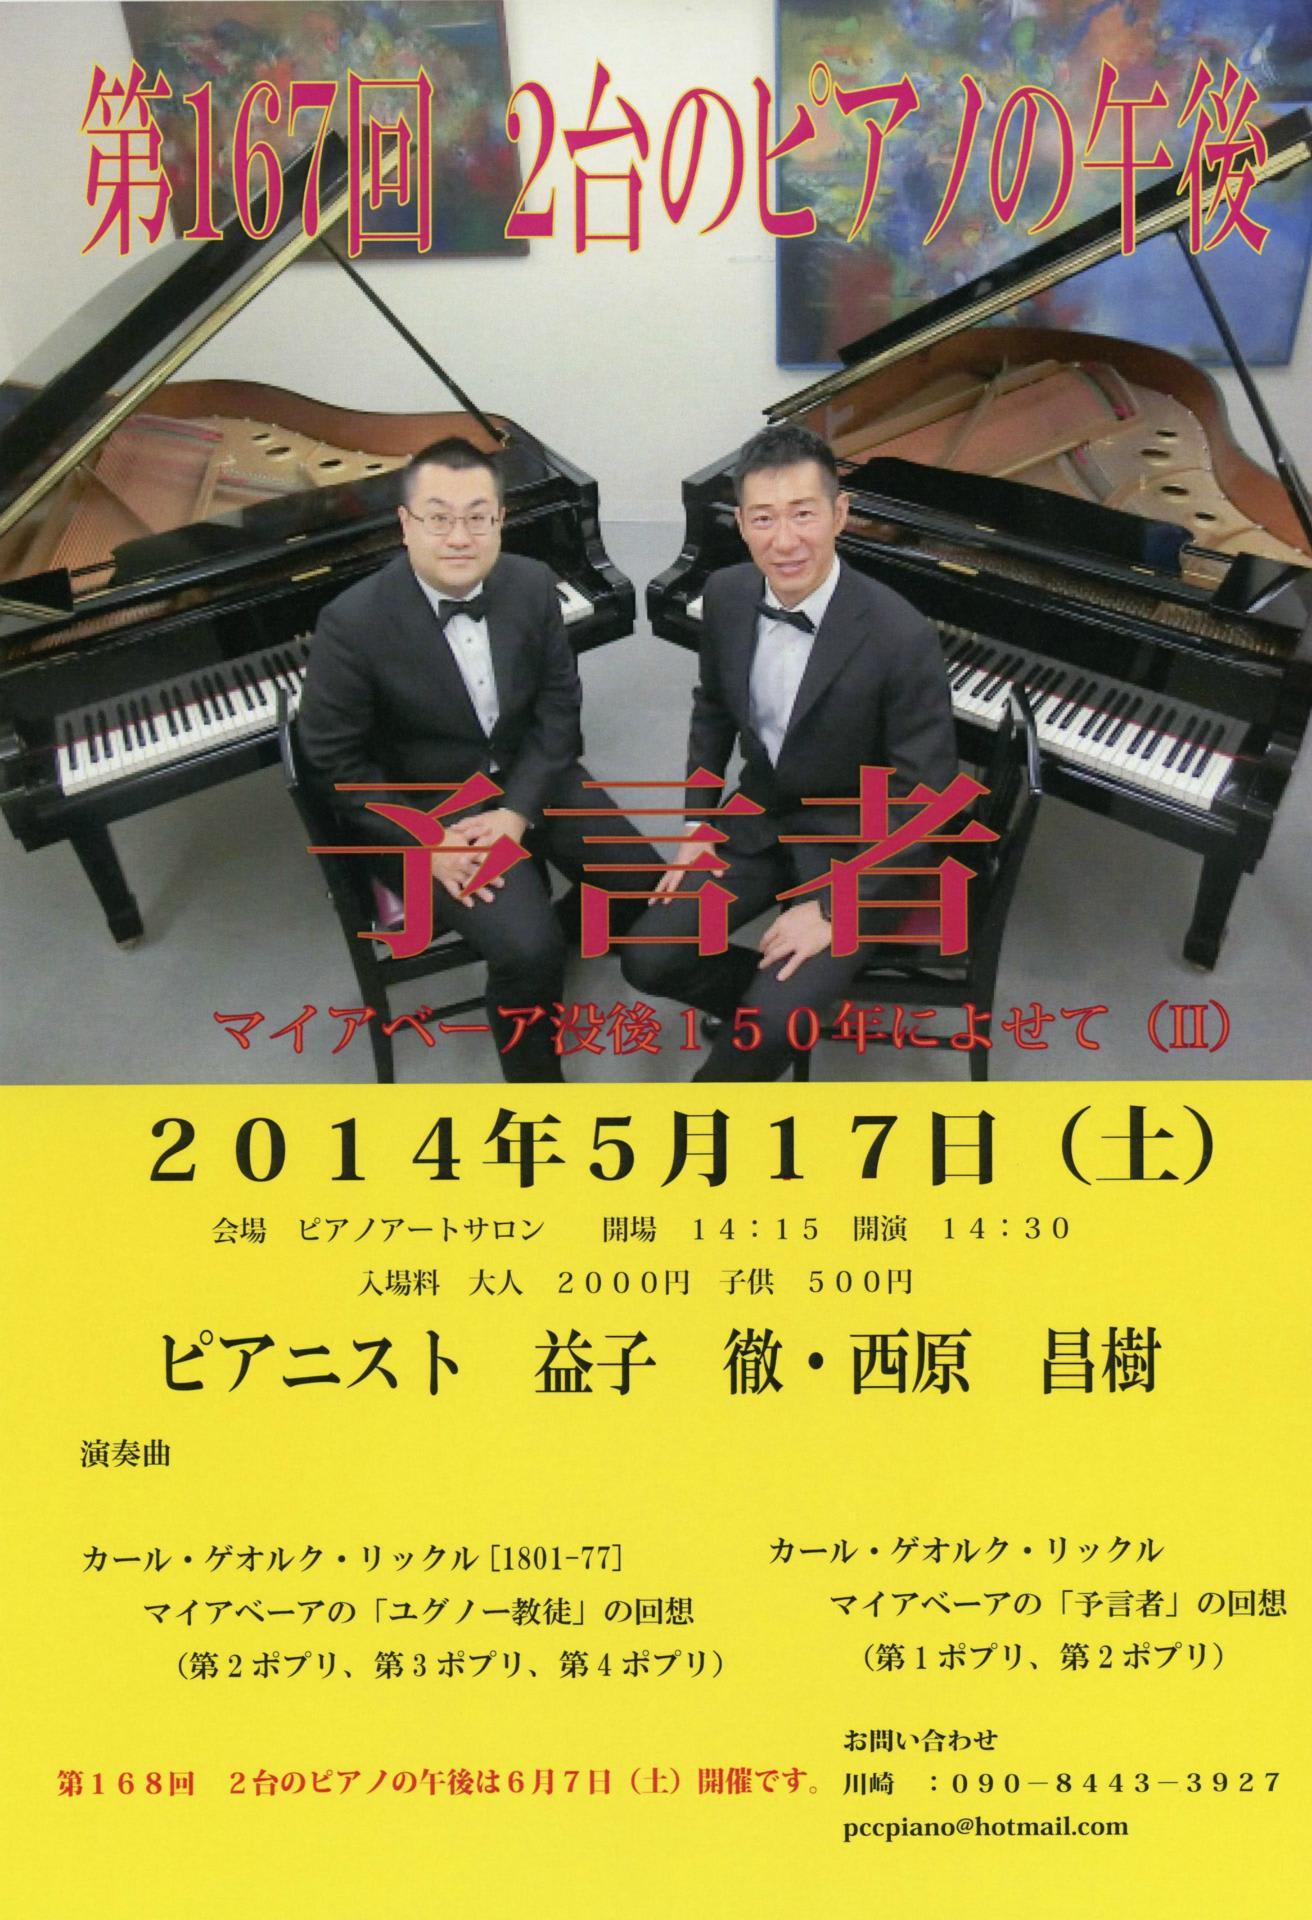 ピアノ連弾 2台ピアノの世界